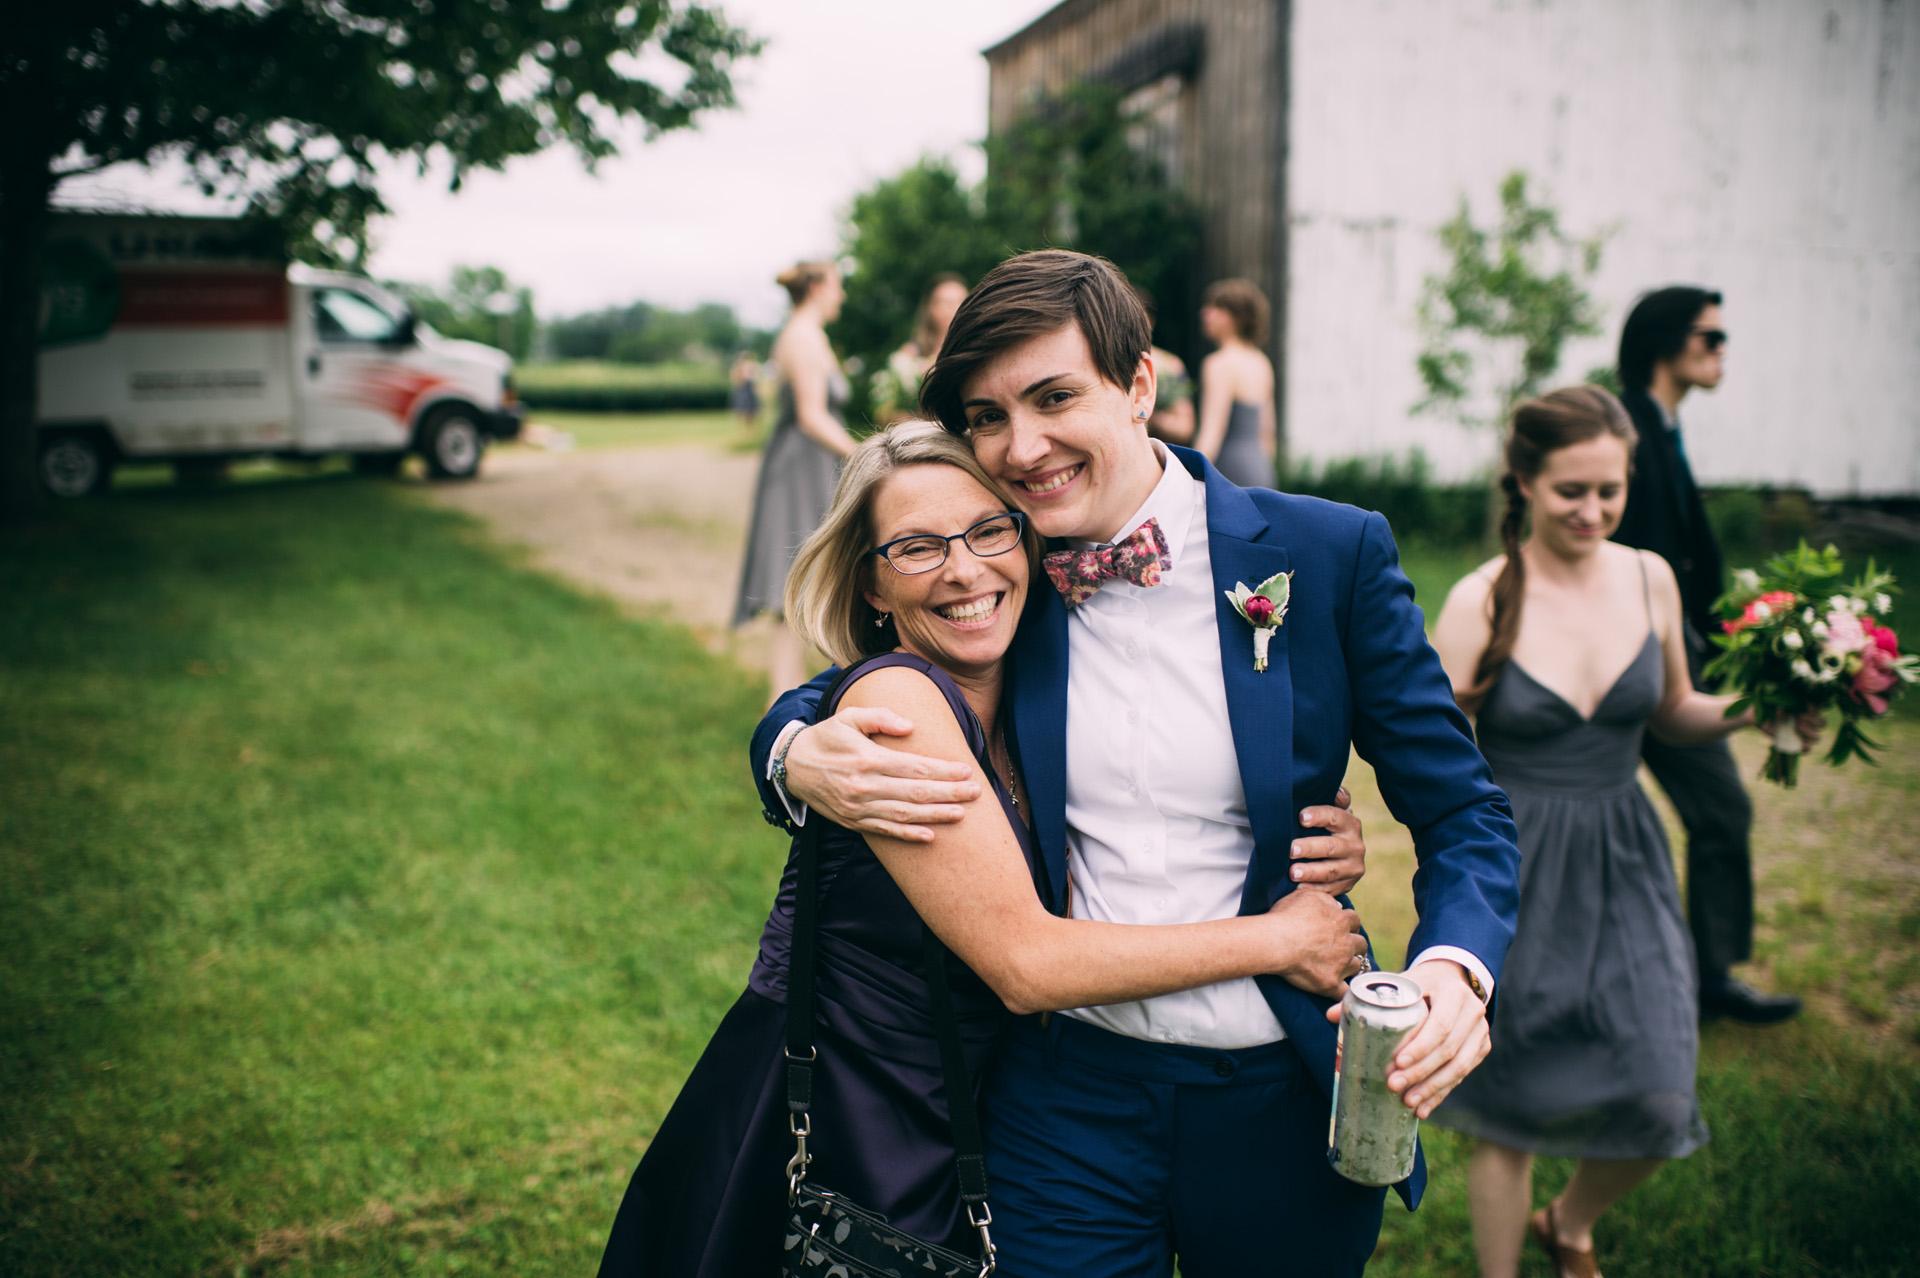 broadturn-farm-wedding-23